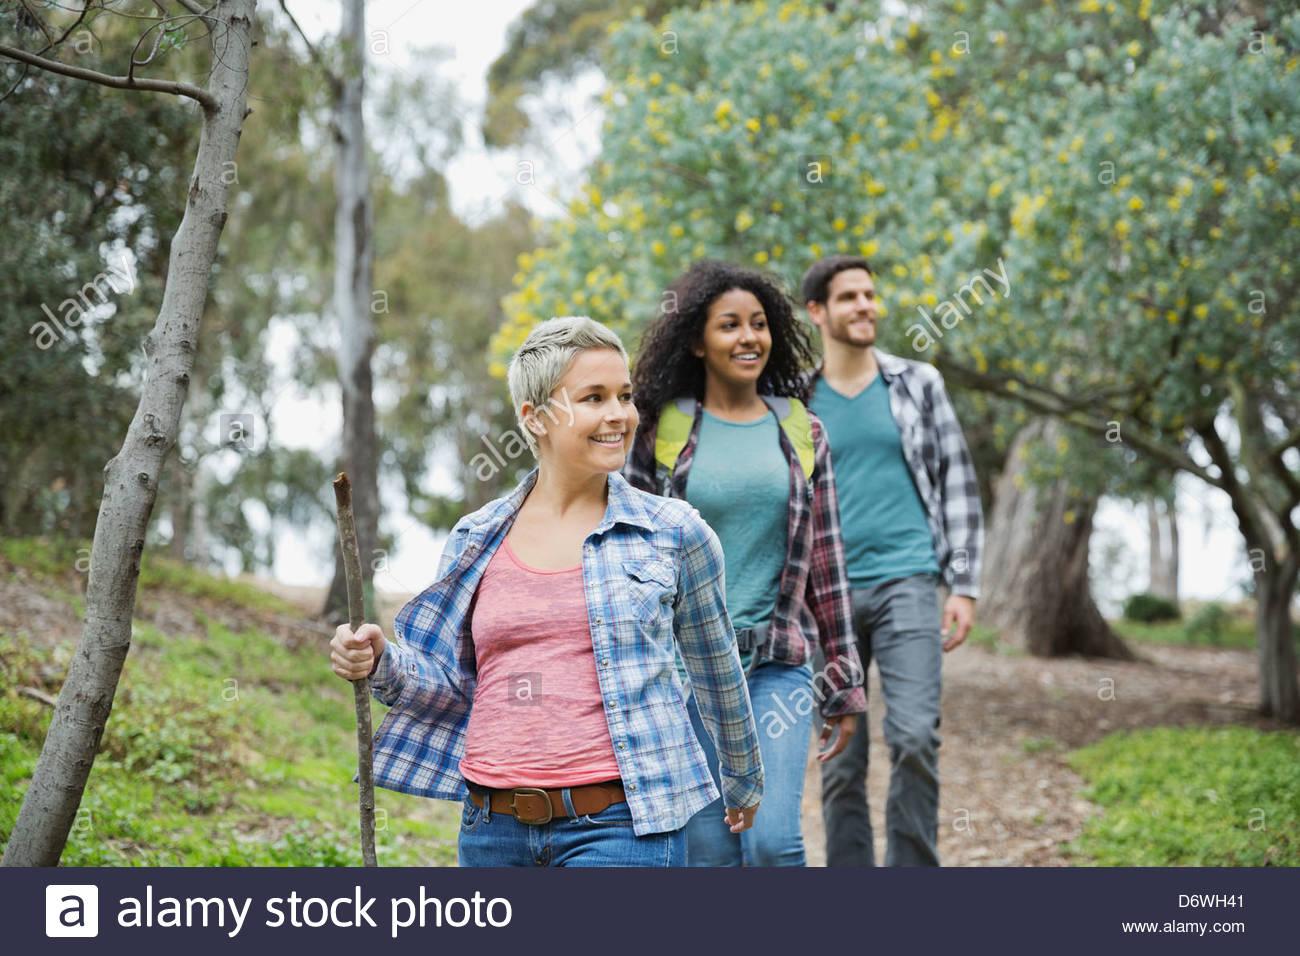 Glückliche Freunde Wandern gemeinsam im Wald Stockbild